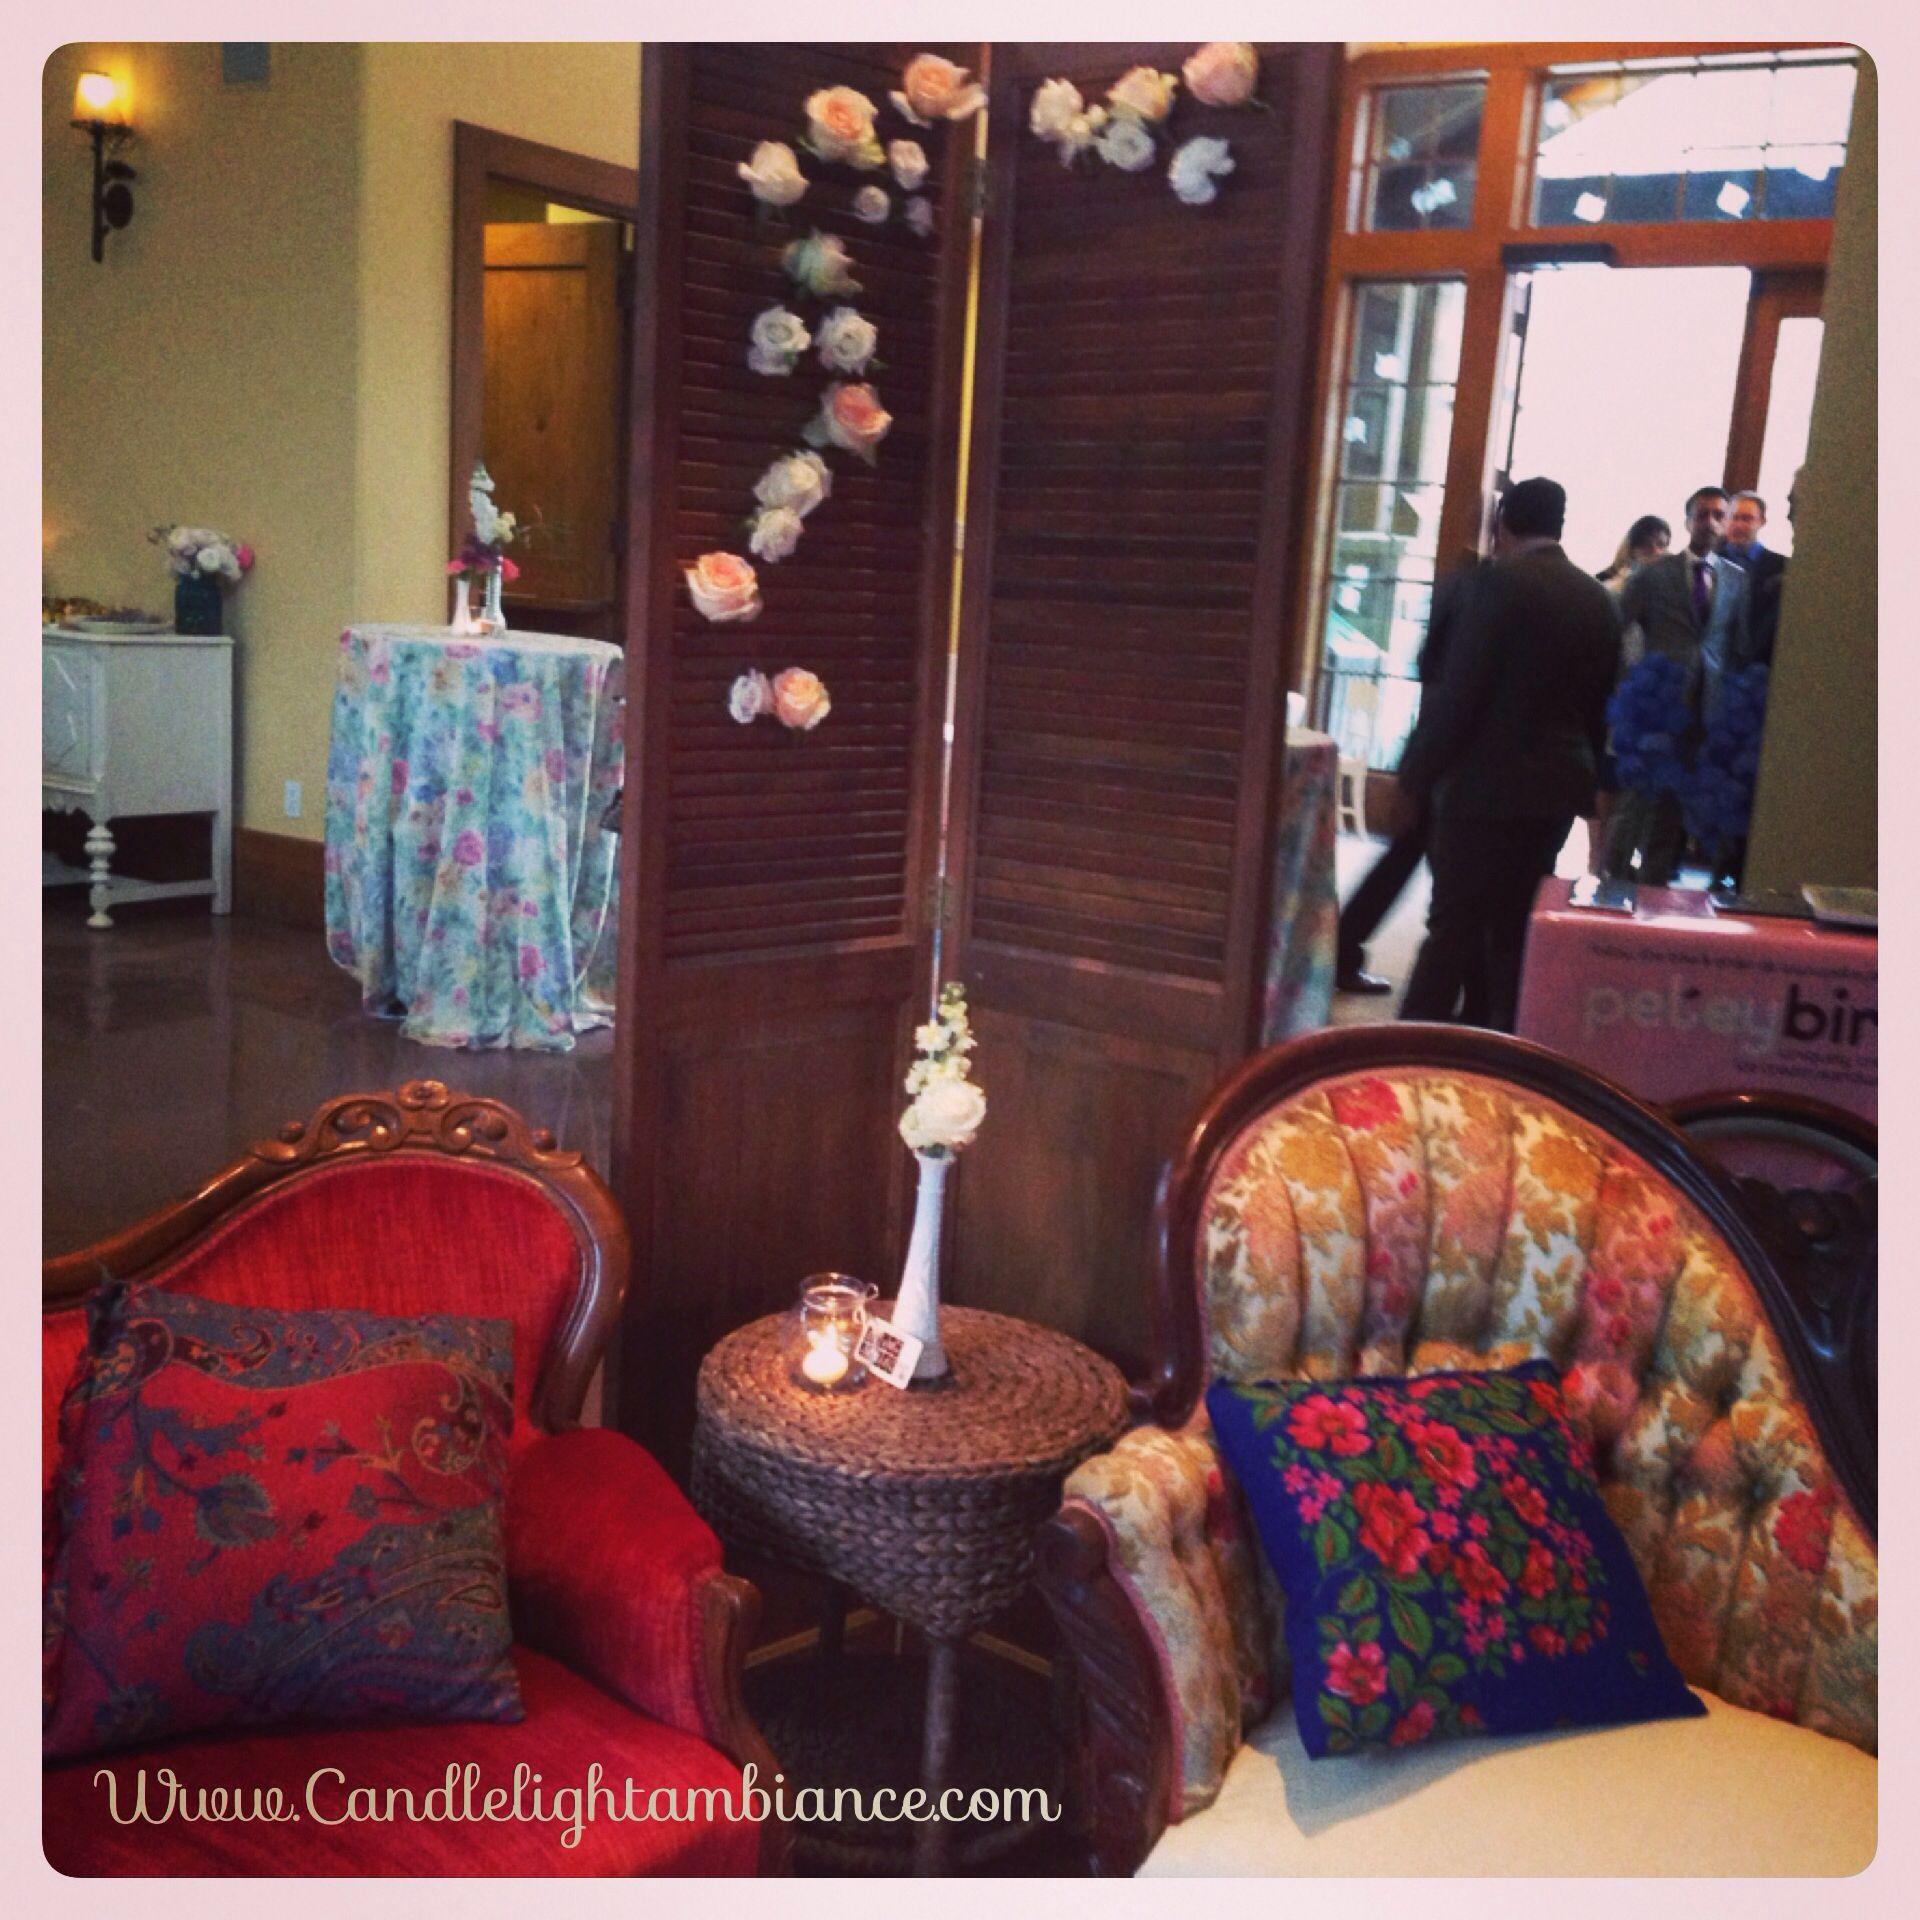 Wedding decor images  Elegant shabby chic wedding decor thedonovanvail  Candlelight